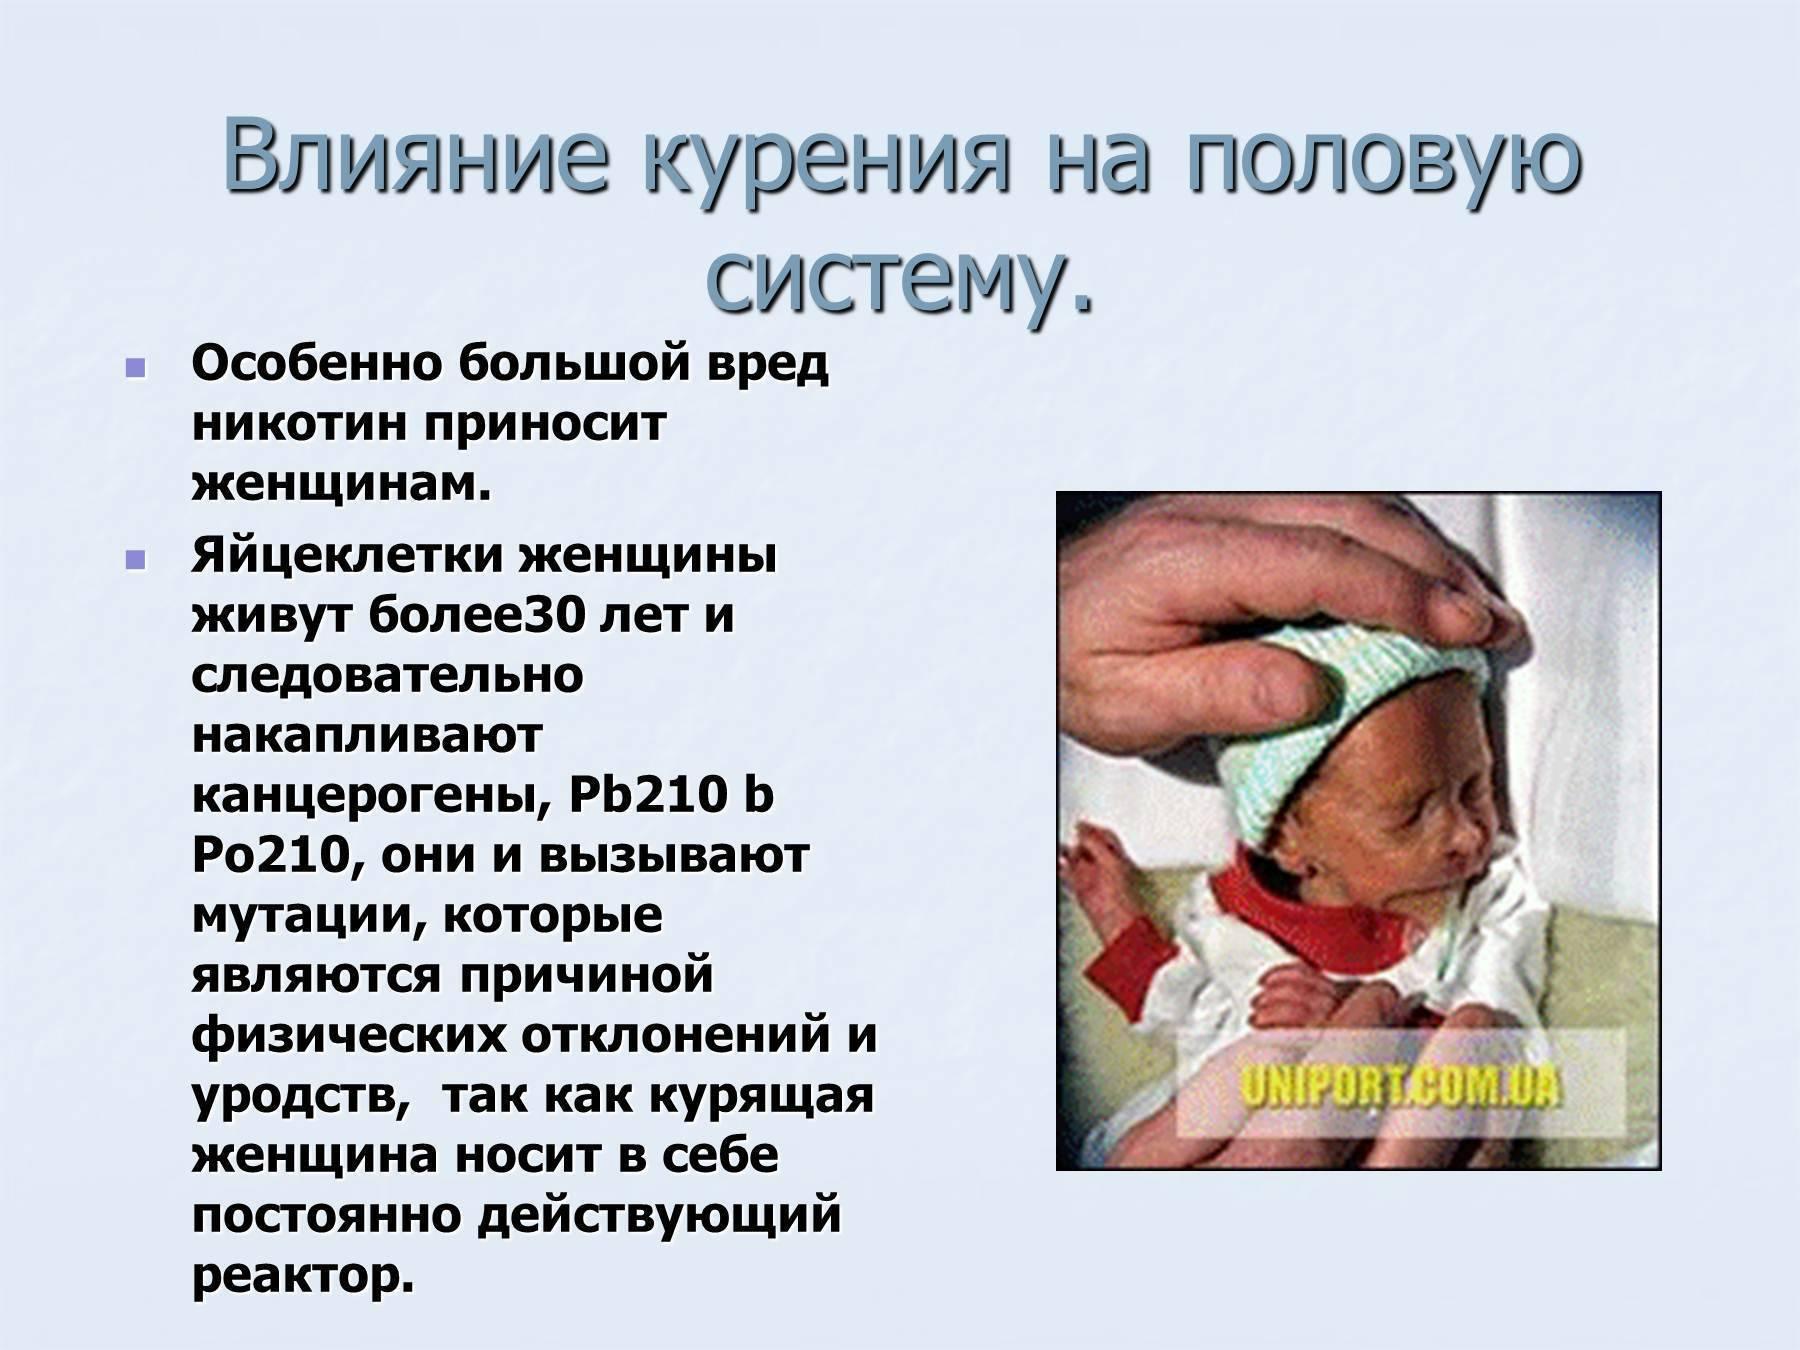 Как алкоголь и курение влияет на сперму: механизм воздействия   vrednuga.ru